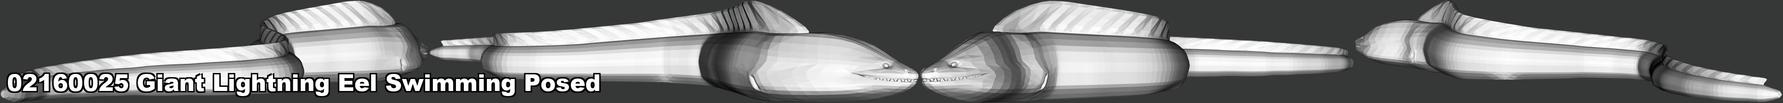 02160025 Giant Lightning Eel Swimming Po